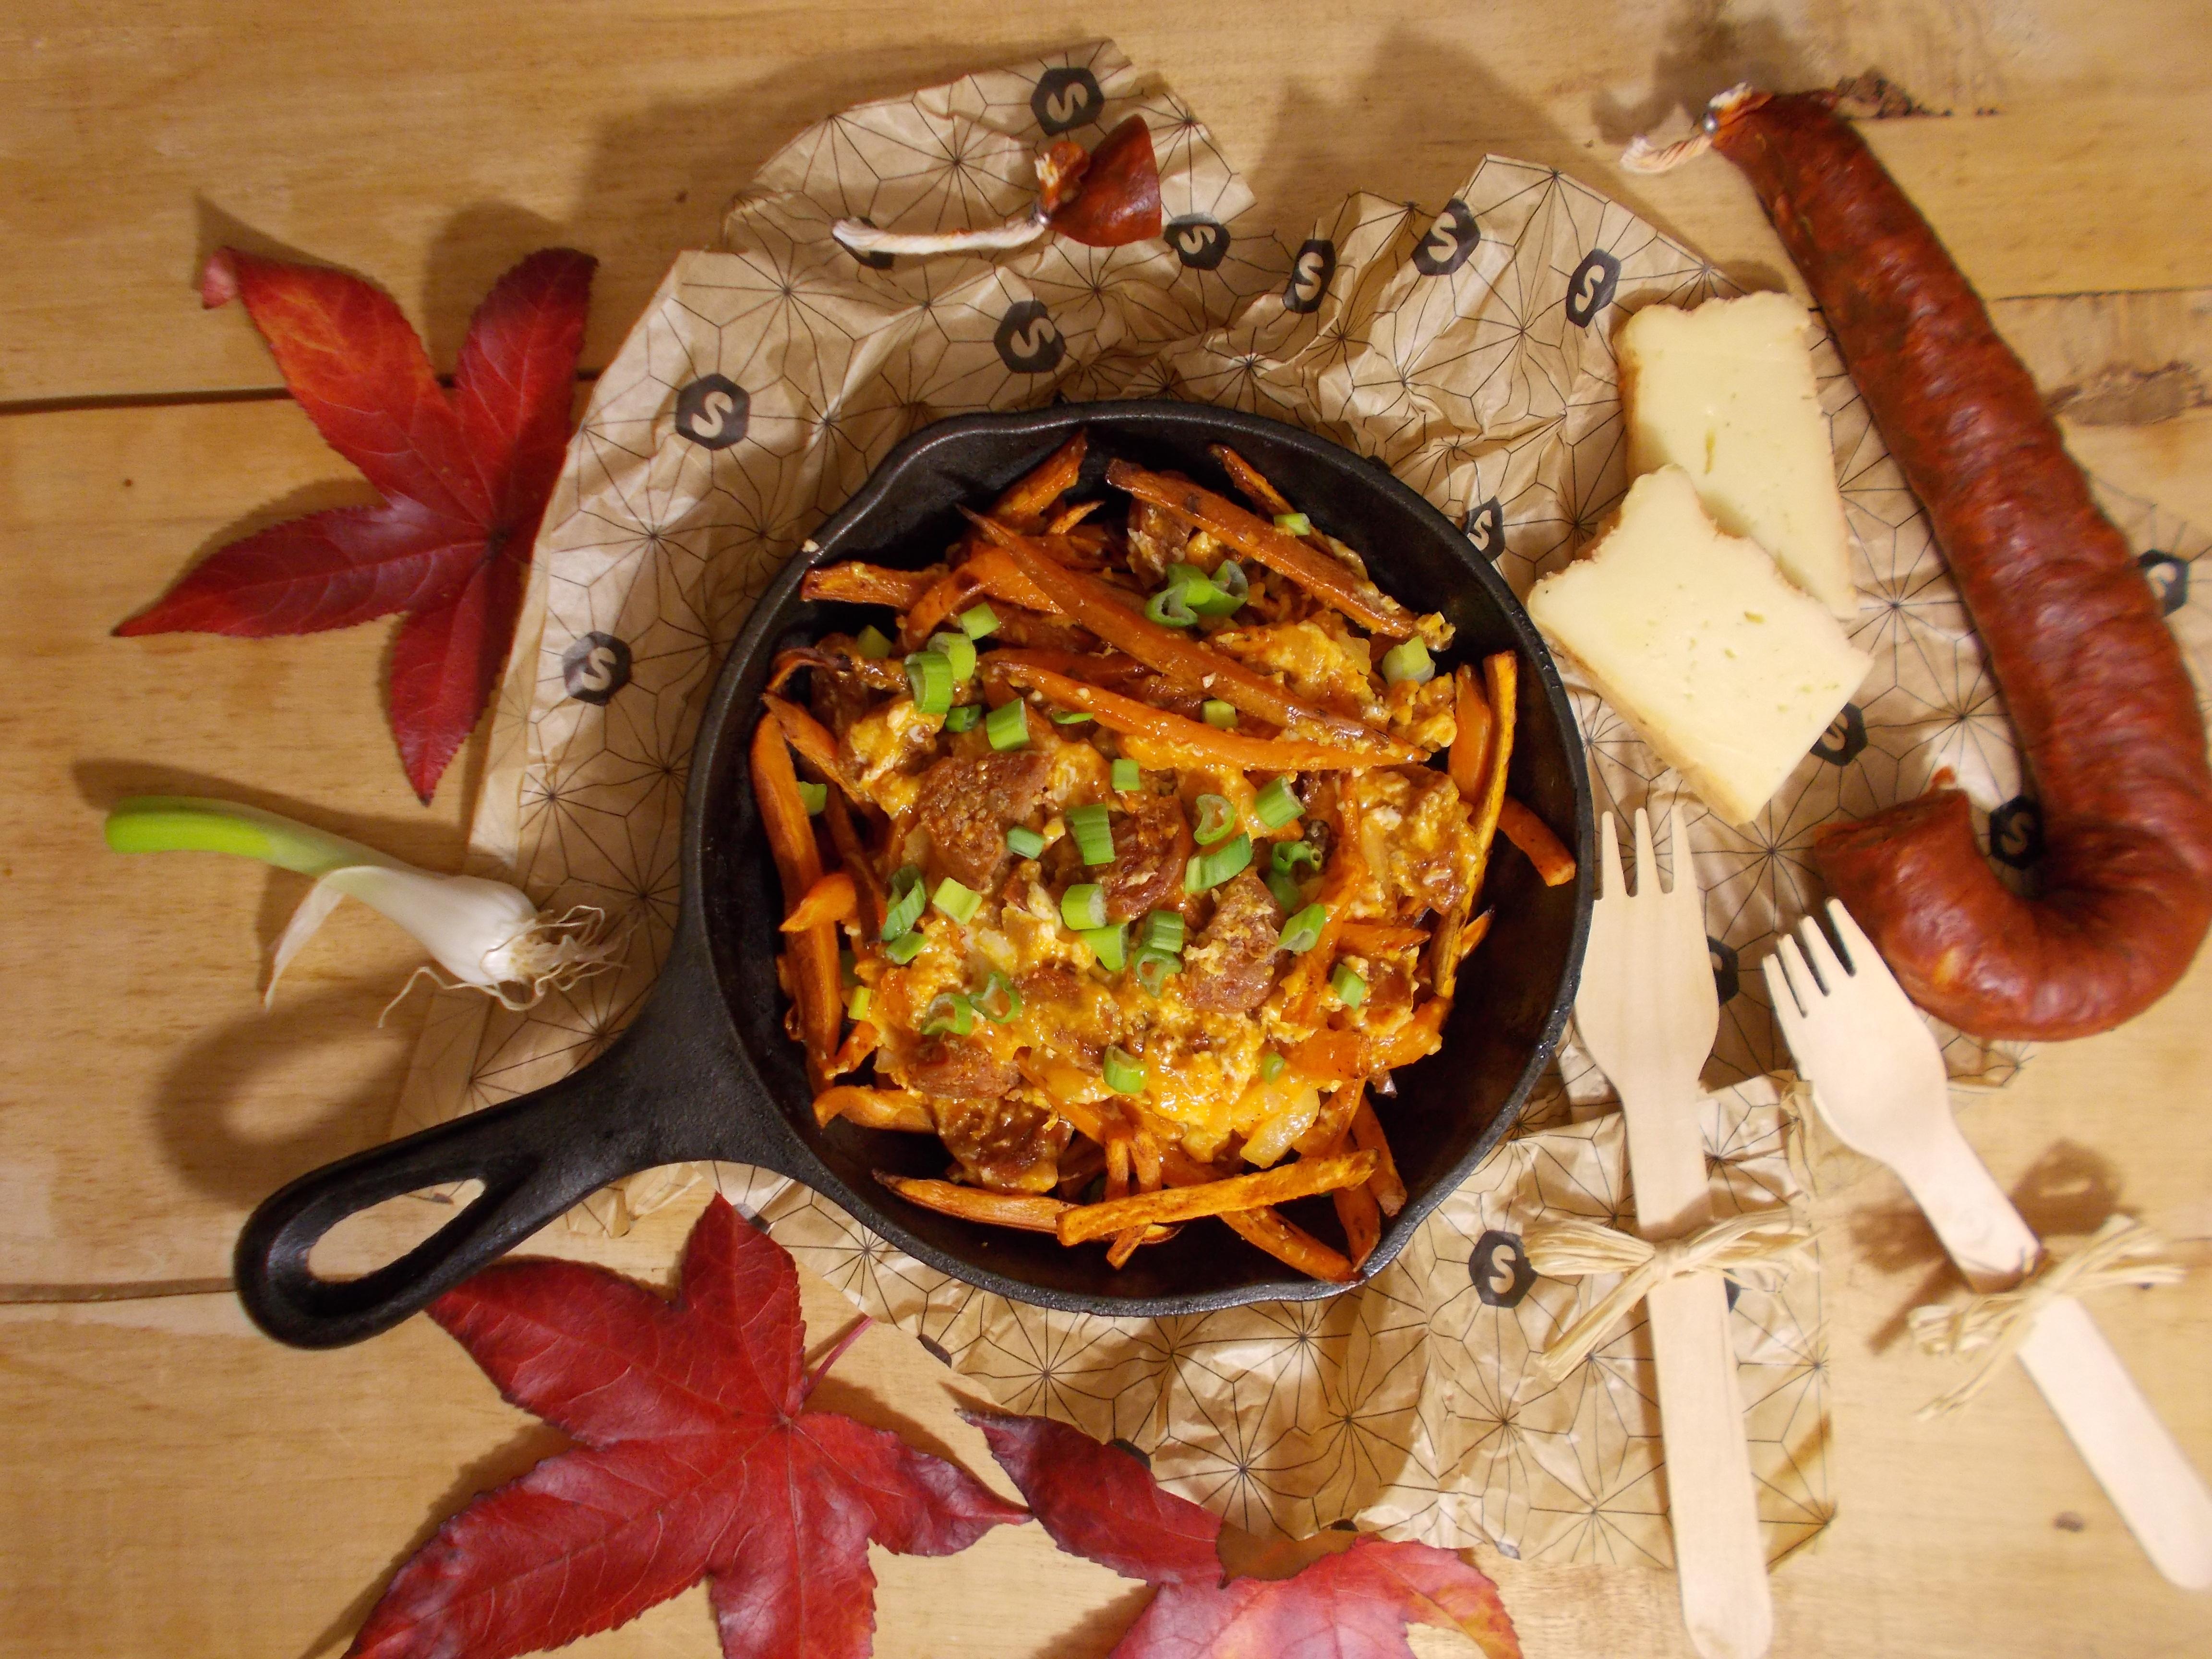 Gramajo de patates douce au chorizo et maroilles